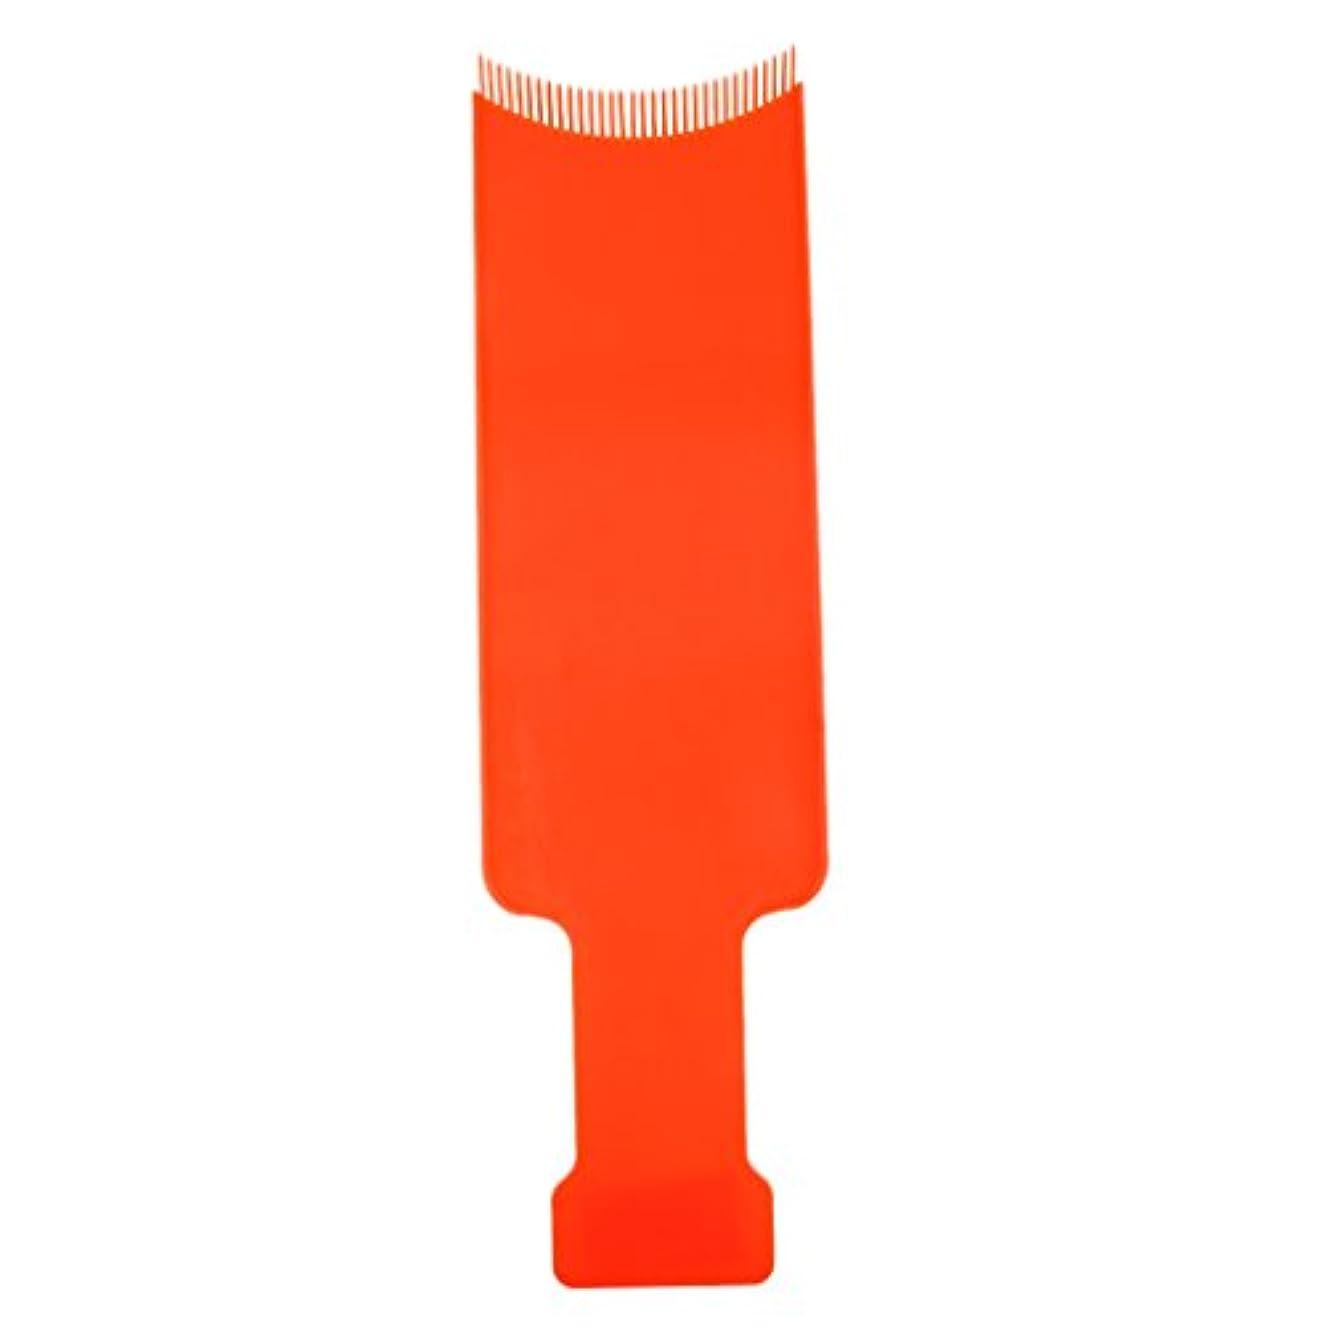 合体アラブサラボ昼間染色櫛プレート 染めボード 髪を染め 頭皮保護 着色ボード ヘアブラシ ヘアコーム ヘアカラー 櫛 2サイズ2色選べる - オレンジ, L